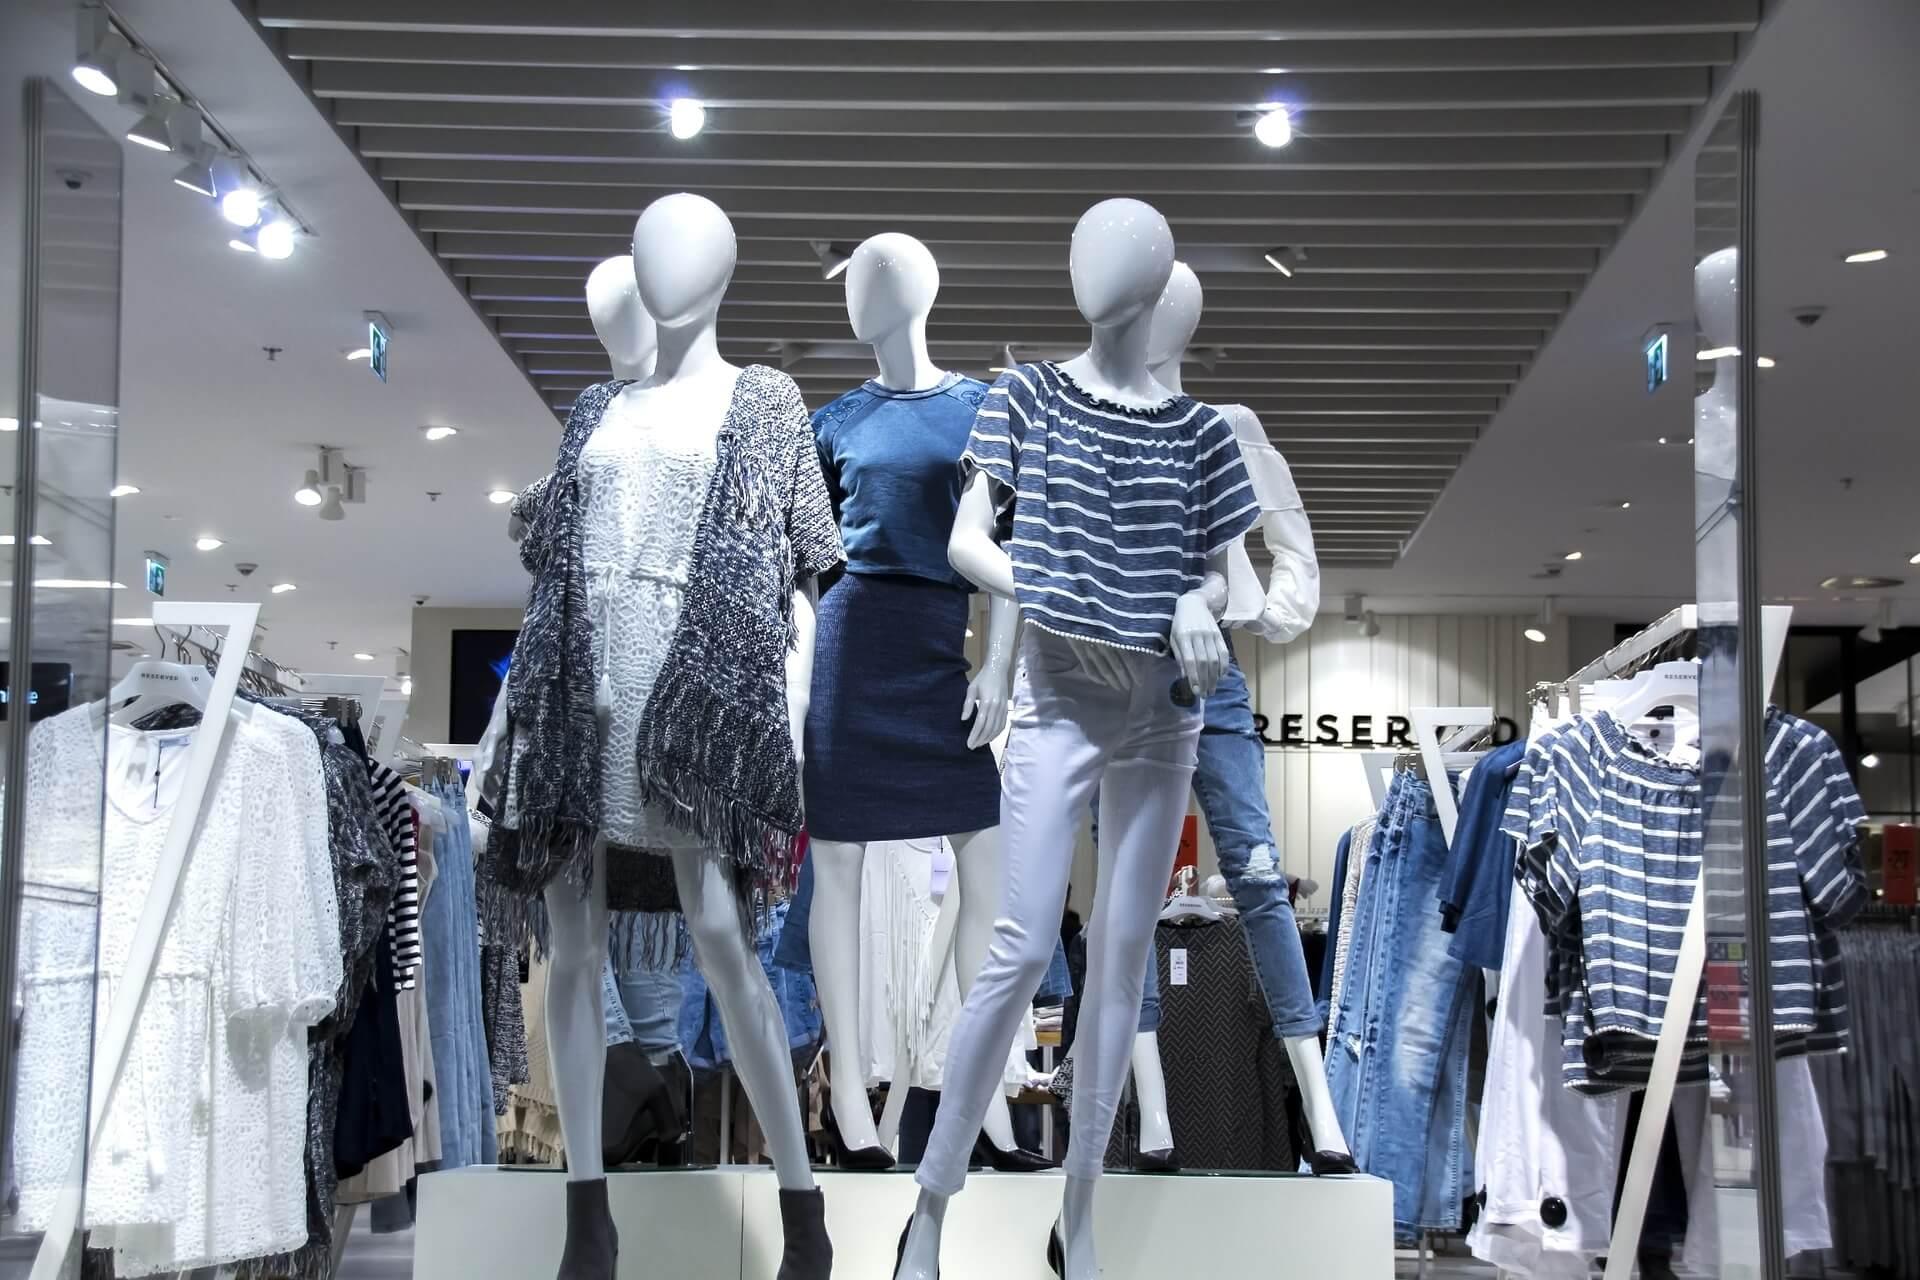 [Zadatak dana] Sezona je sniženja pa da vidimo znate li riješiti ovaj zgodni 'shopping' zadatak